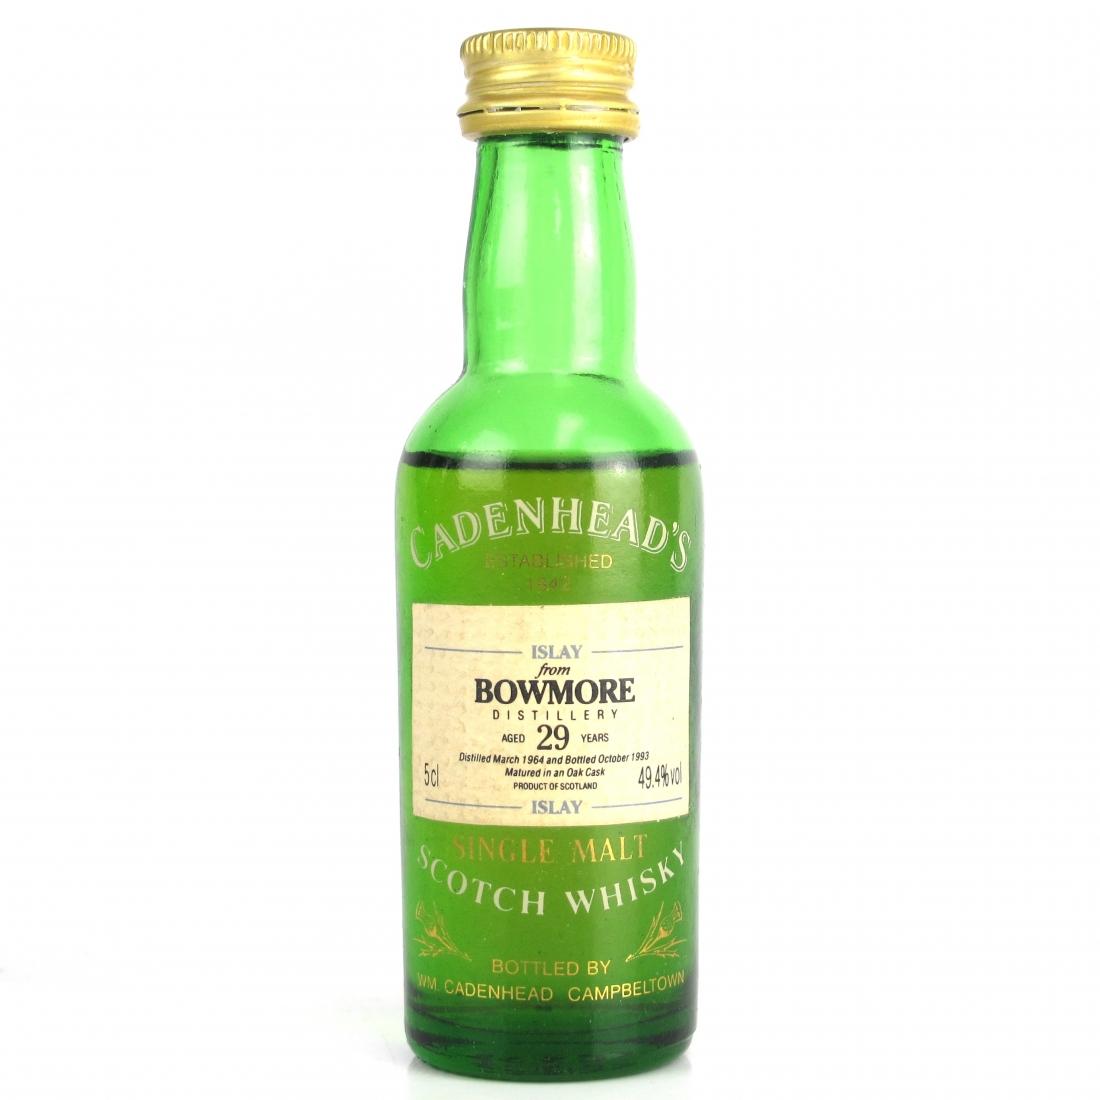 Bowmore 1964 Cadenhead's 29 Year Old 5cl